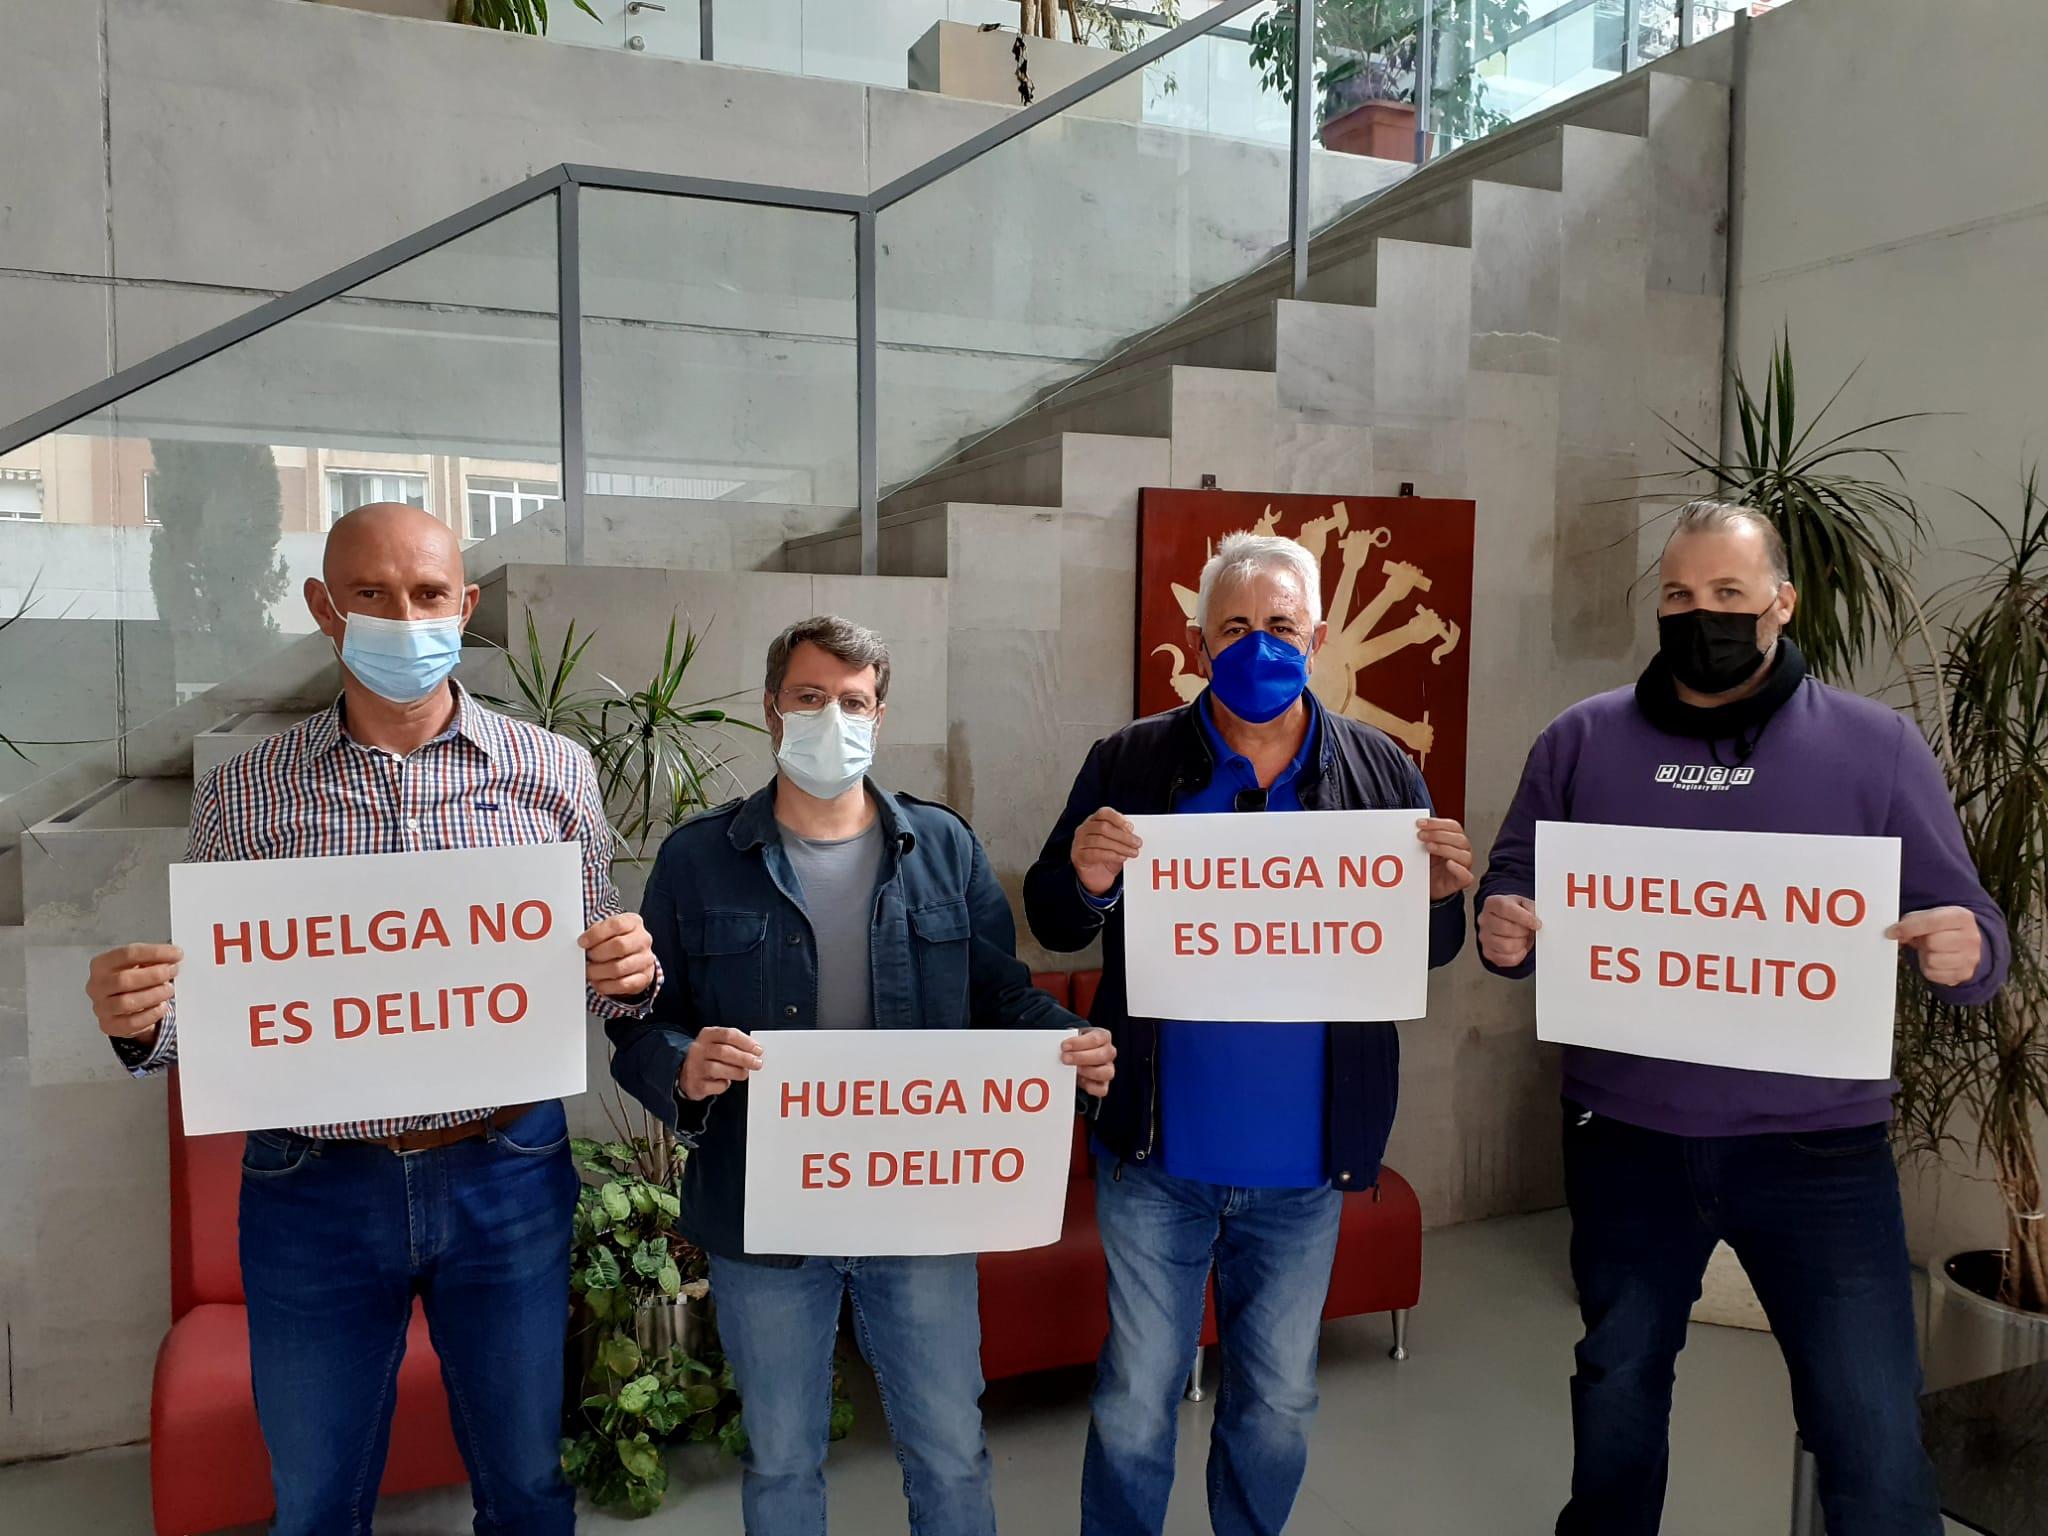 CCOO celebra la supresión del derecho a huelga como delito del código penal